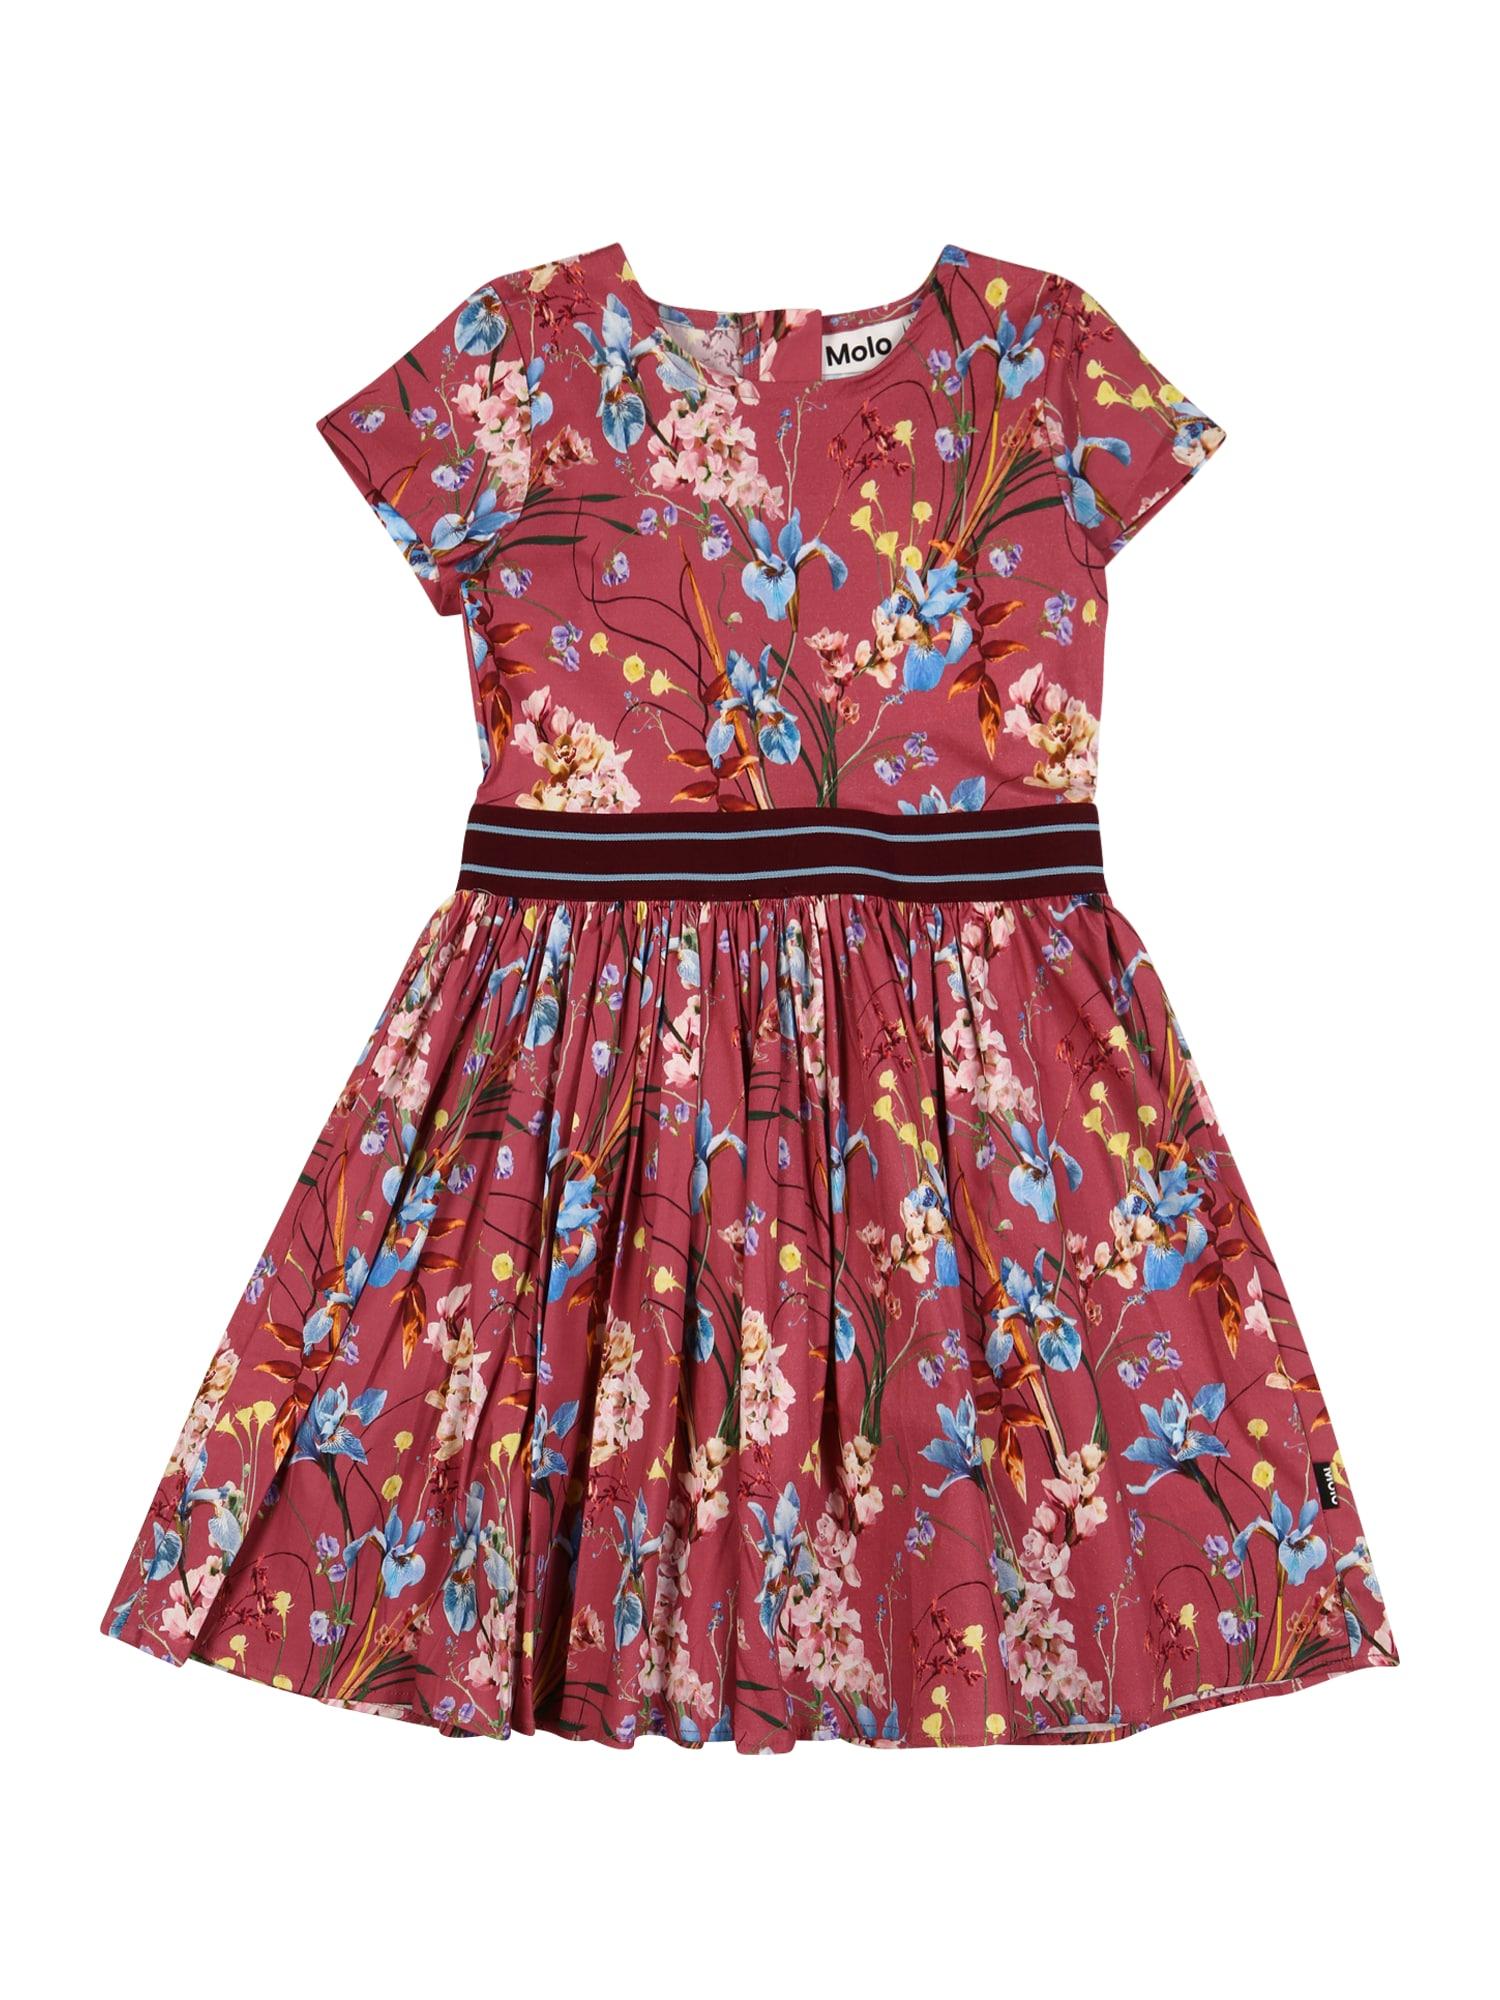 Molo Suknelė 'Candy' pitajų spalva / šviesiai mėlyna / geltona / alyvuogių spalva / mišrios spalvos